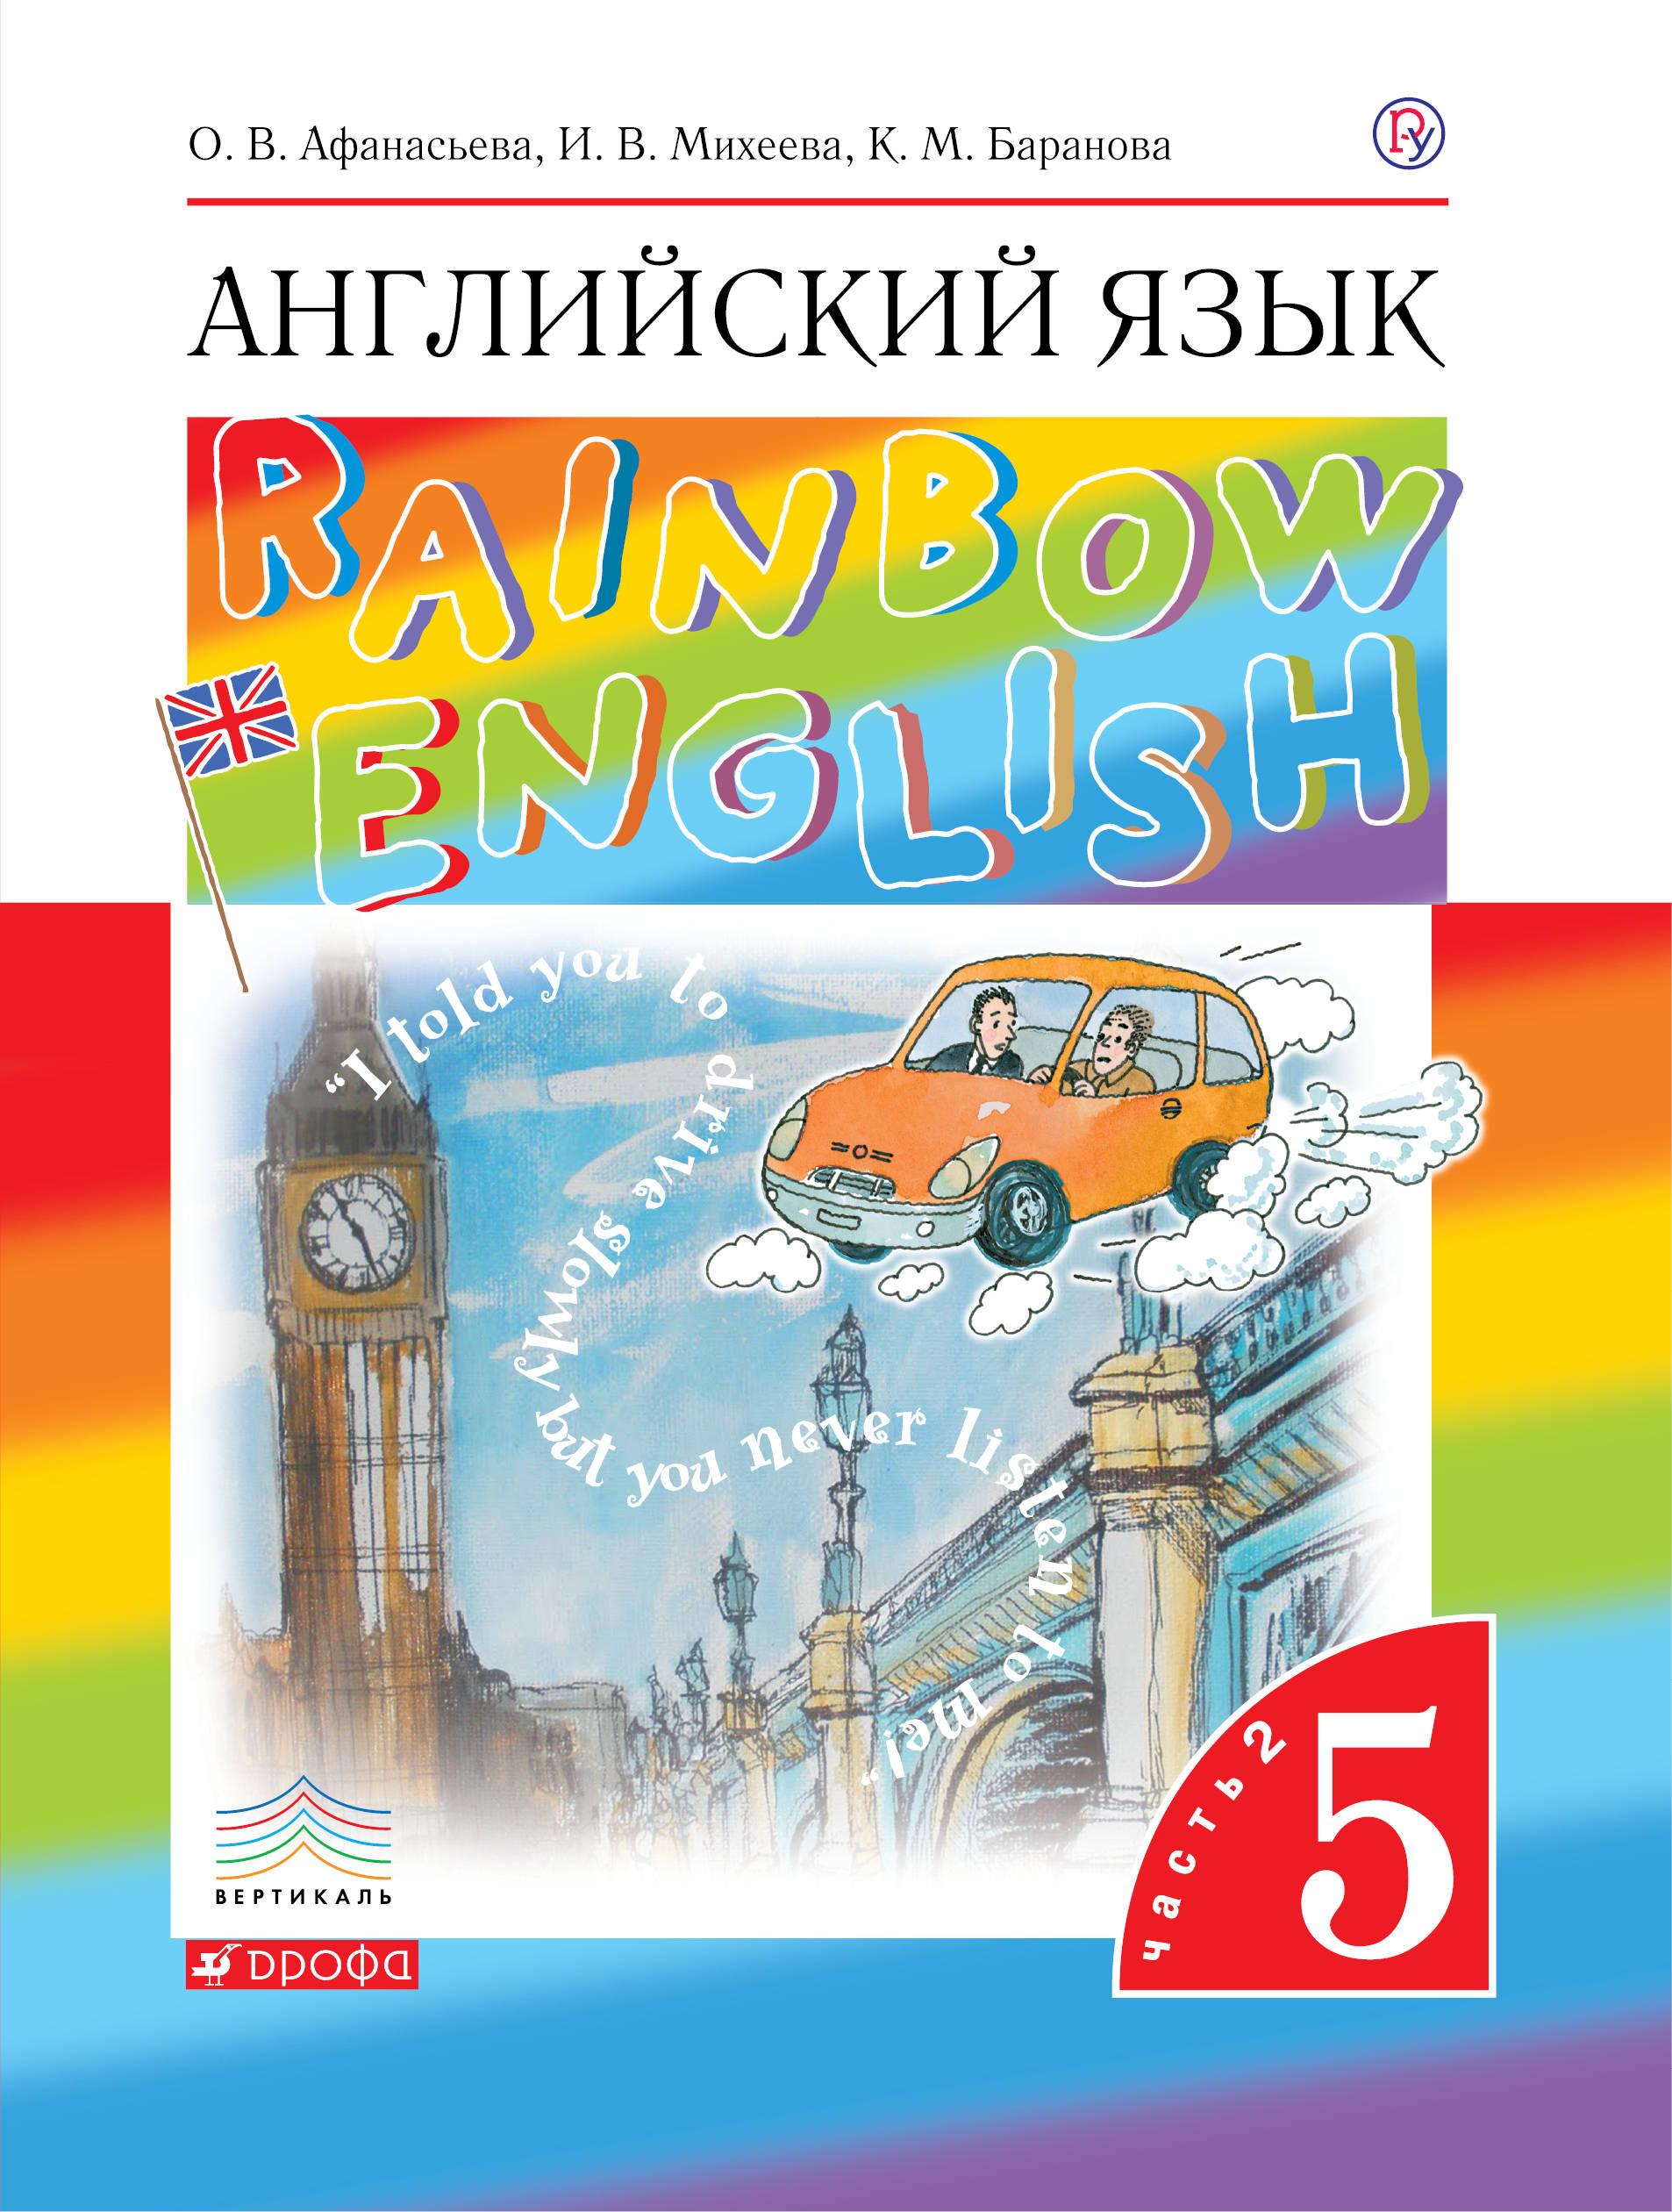 О. А. Афанасьева,И. В. Михеева ,К. М. Баранова Английский язык. 5 класс. Учебник в 2-х частях. Часть 2